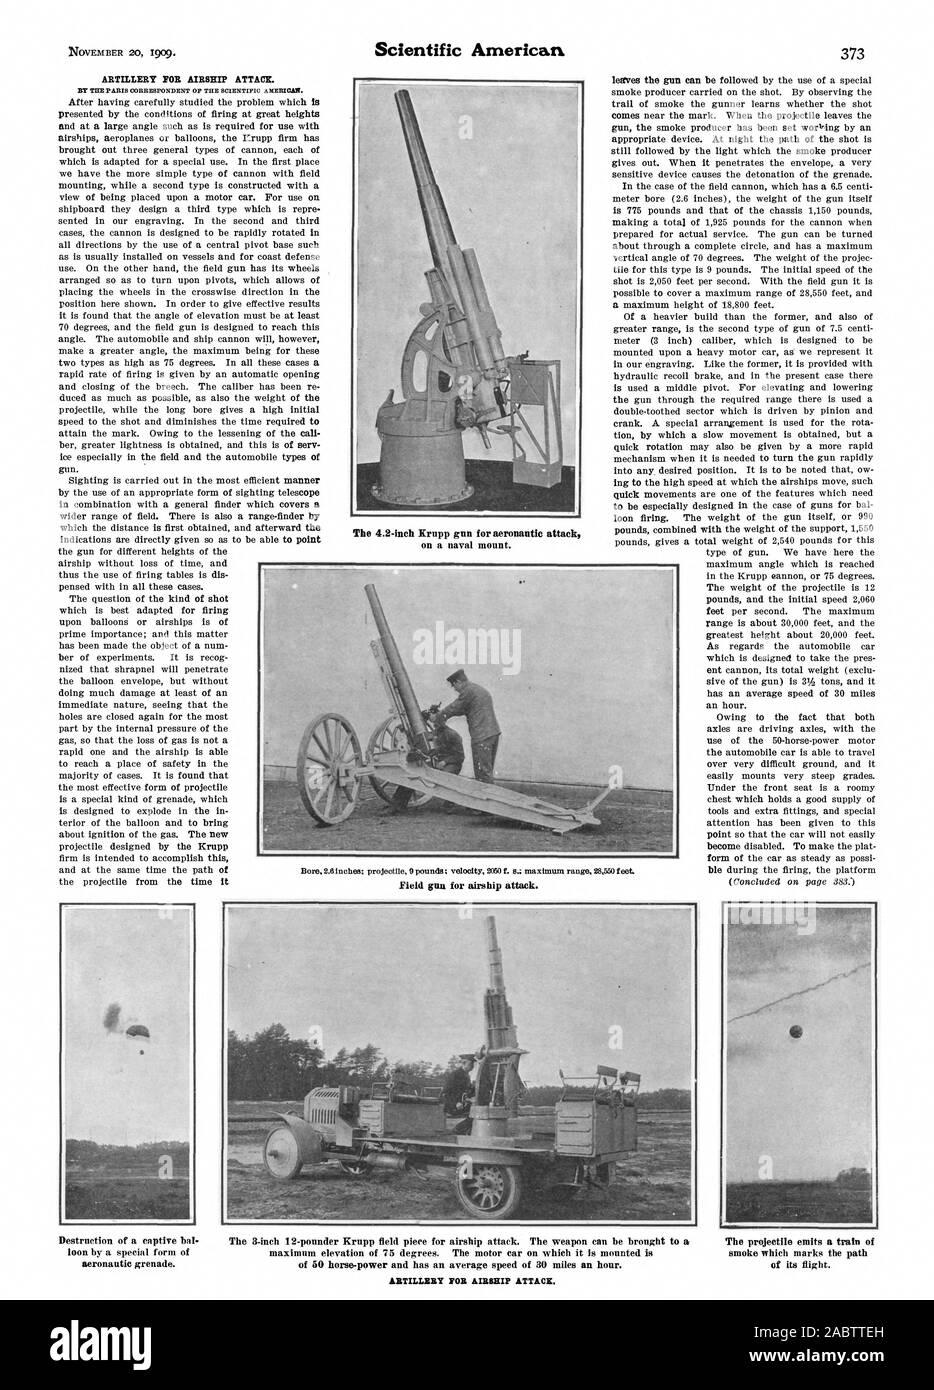 Il 4.2 pollici Krupp pistola per attacco di aeronautica DA PARIGI CORRISPONDENTE DELLA SCIENTIFIC AMERICAS. pistola. che è più adatto per la cottura di un'ora. Grazie al fatto che sia il campo di pistola per dirigibile attacco. L'Artiglieria PER DIRIGIBILE ATTACCO., Scientific American, -1909-11-20 Foto Stock